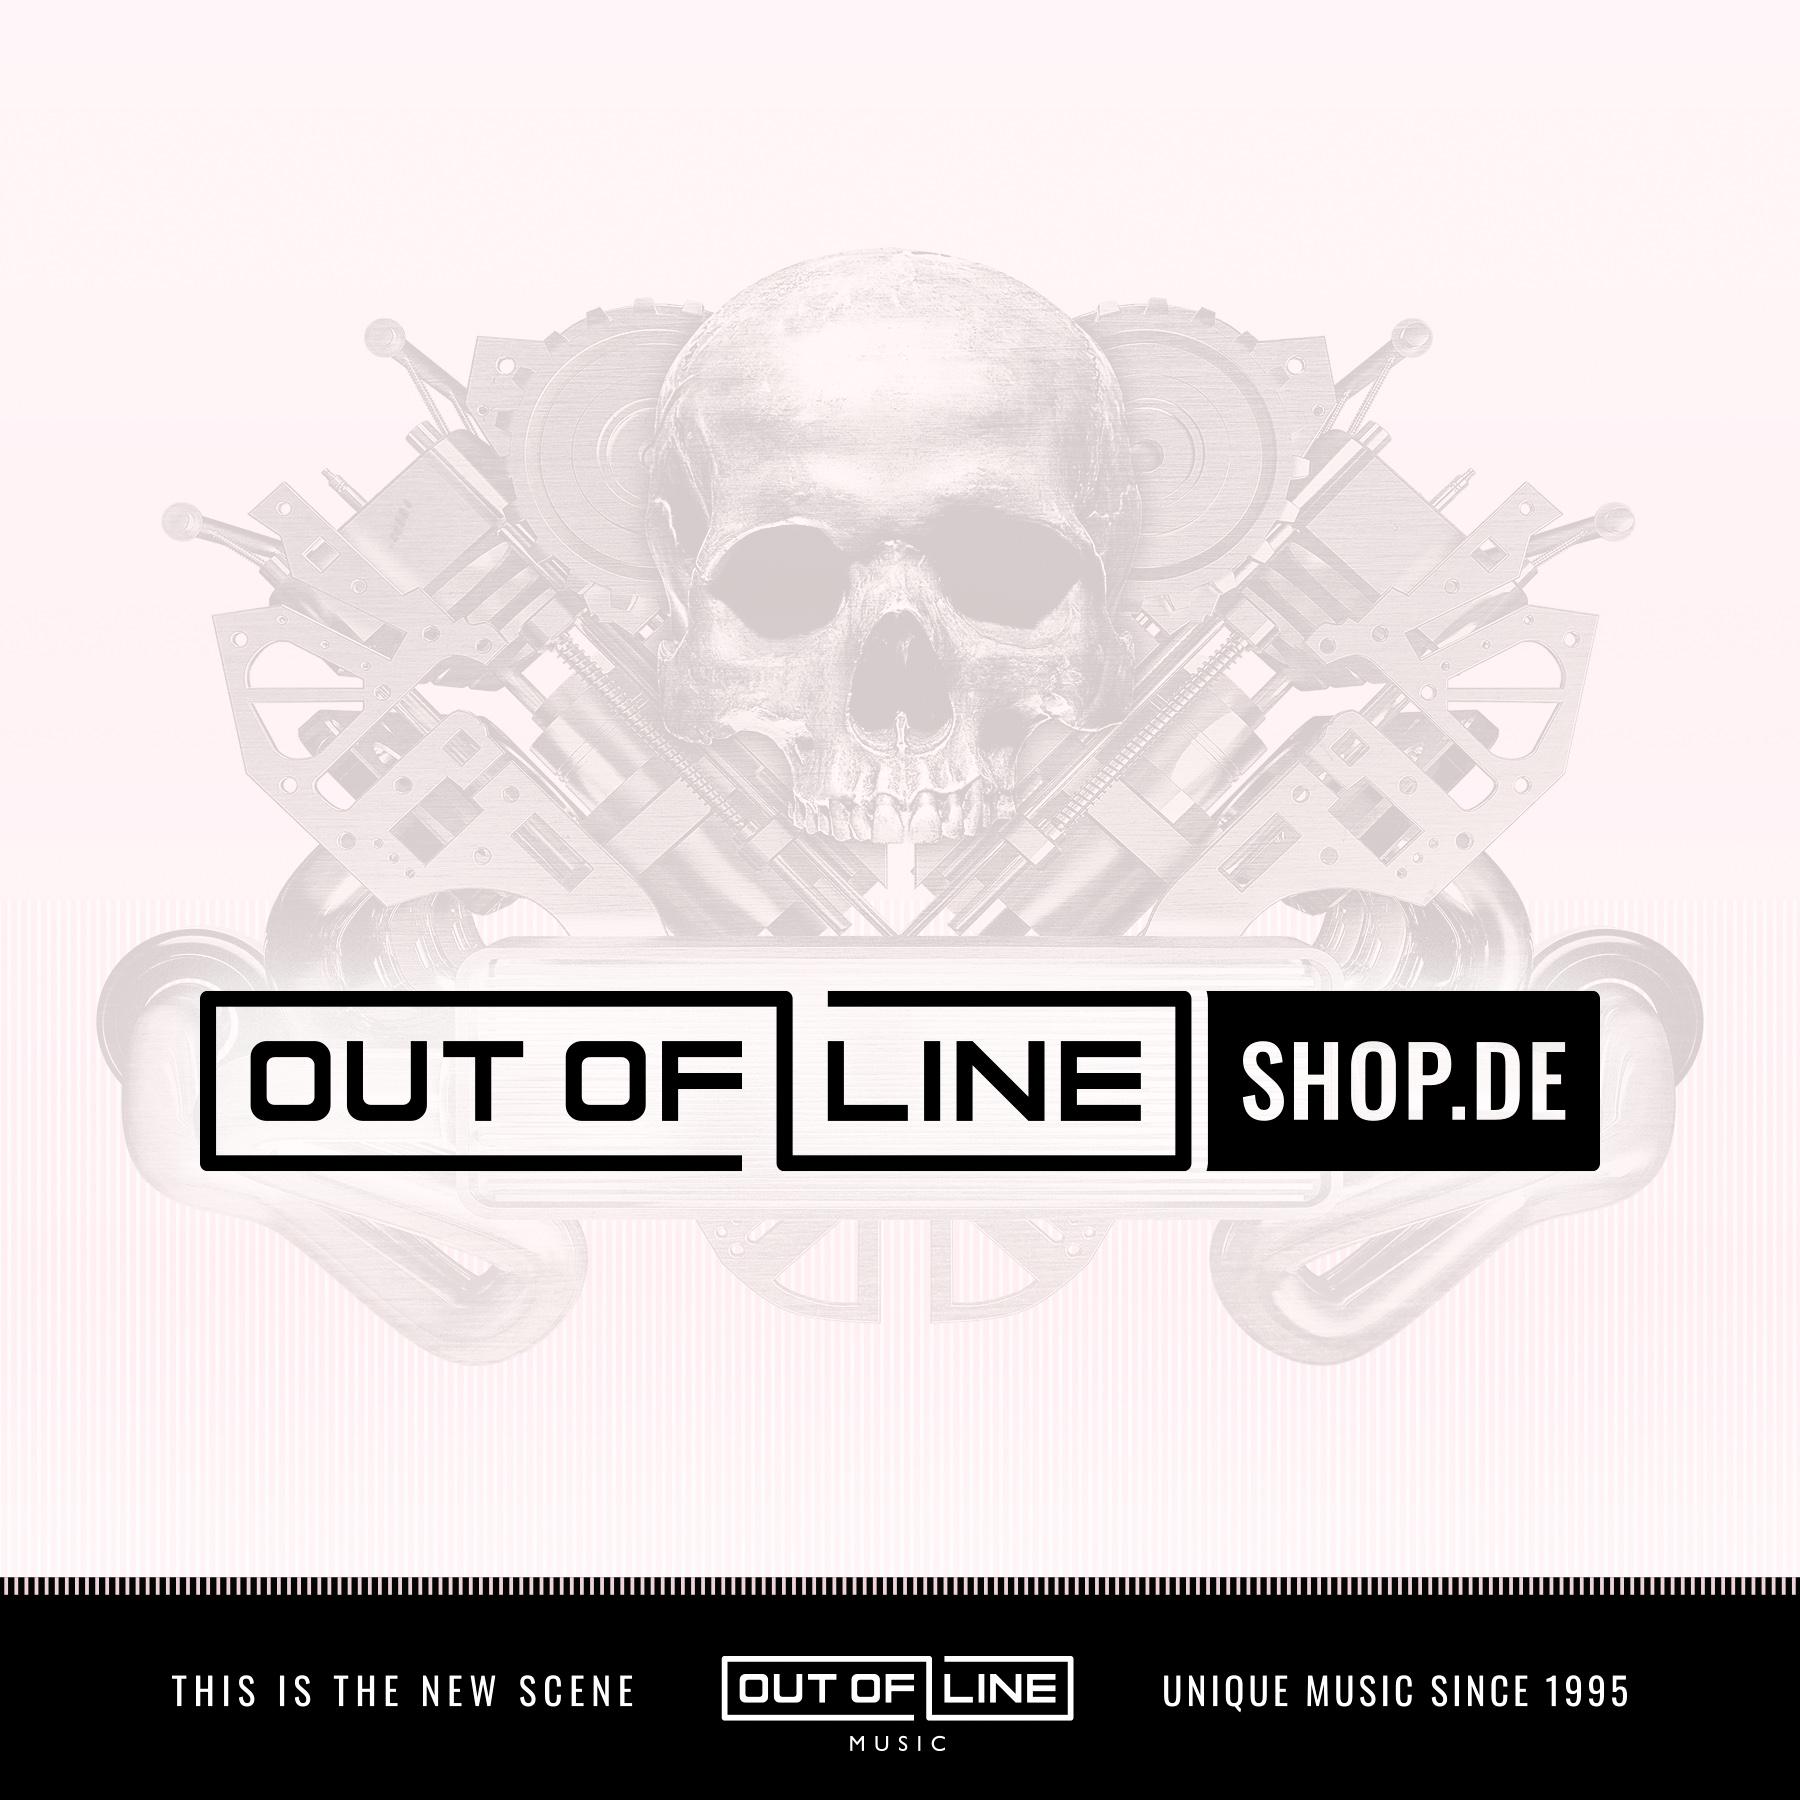 Jesu/Sun Kil Moon - Jesu/Sun Kil Moon - CD